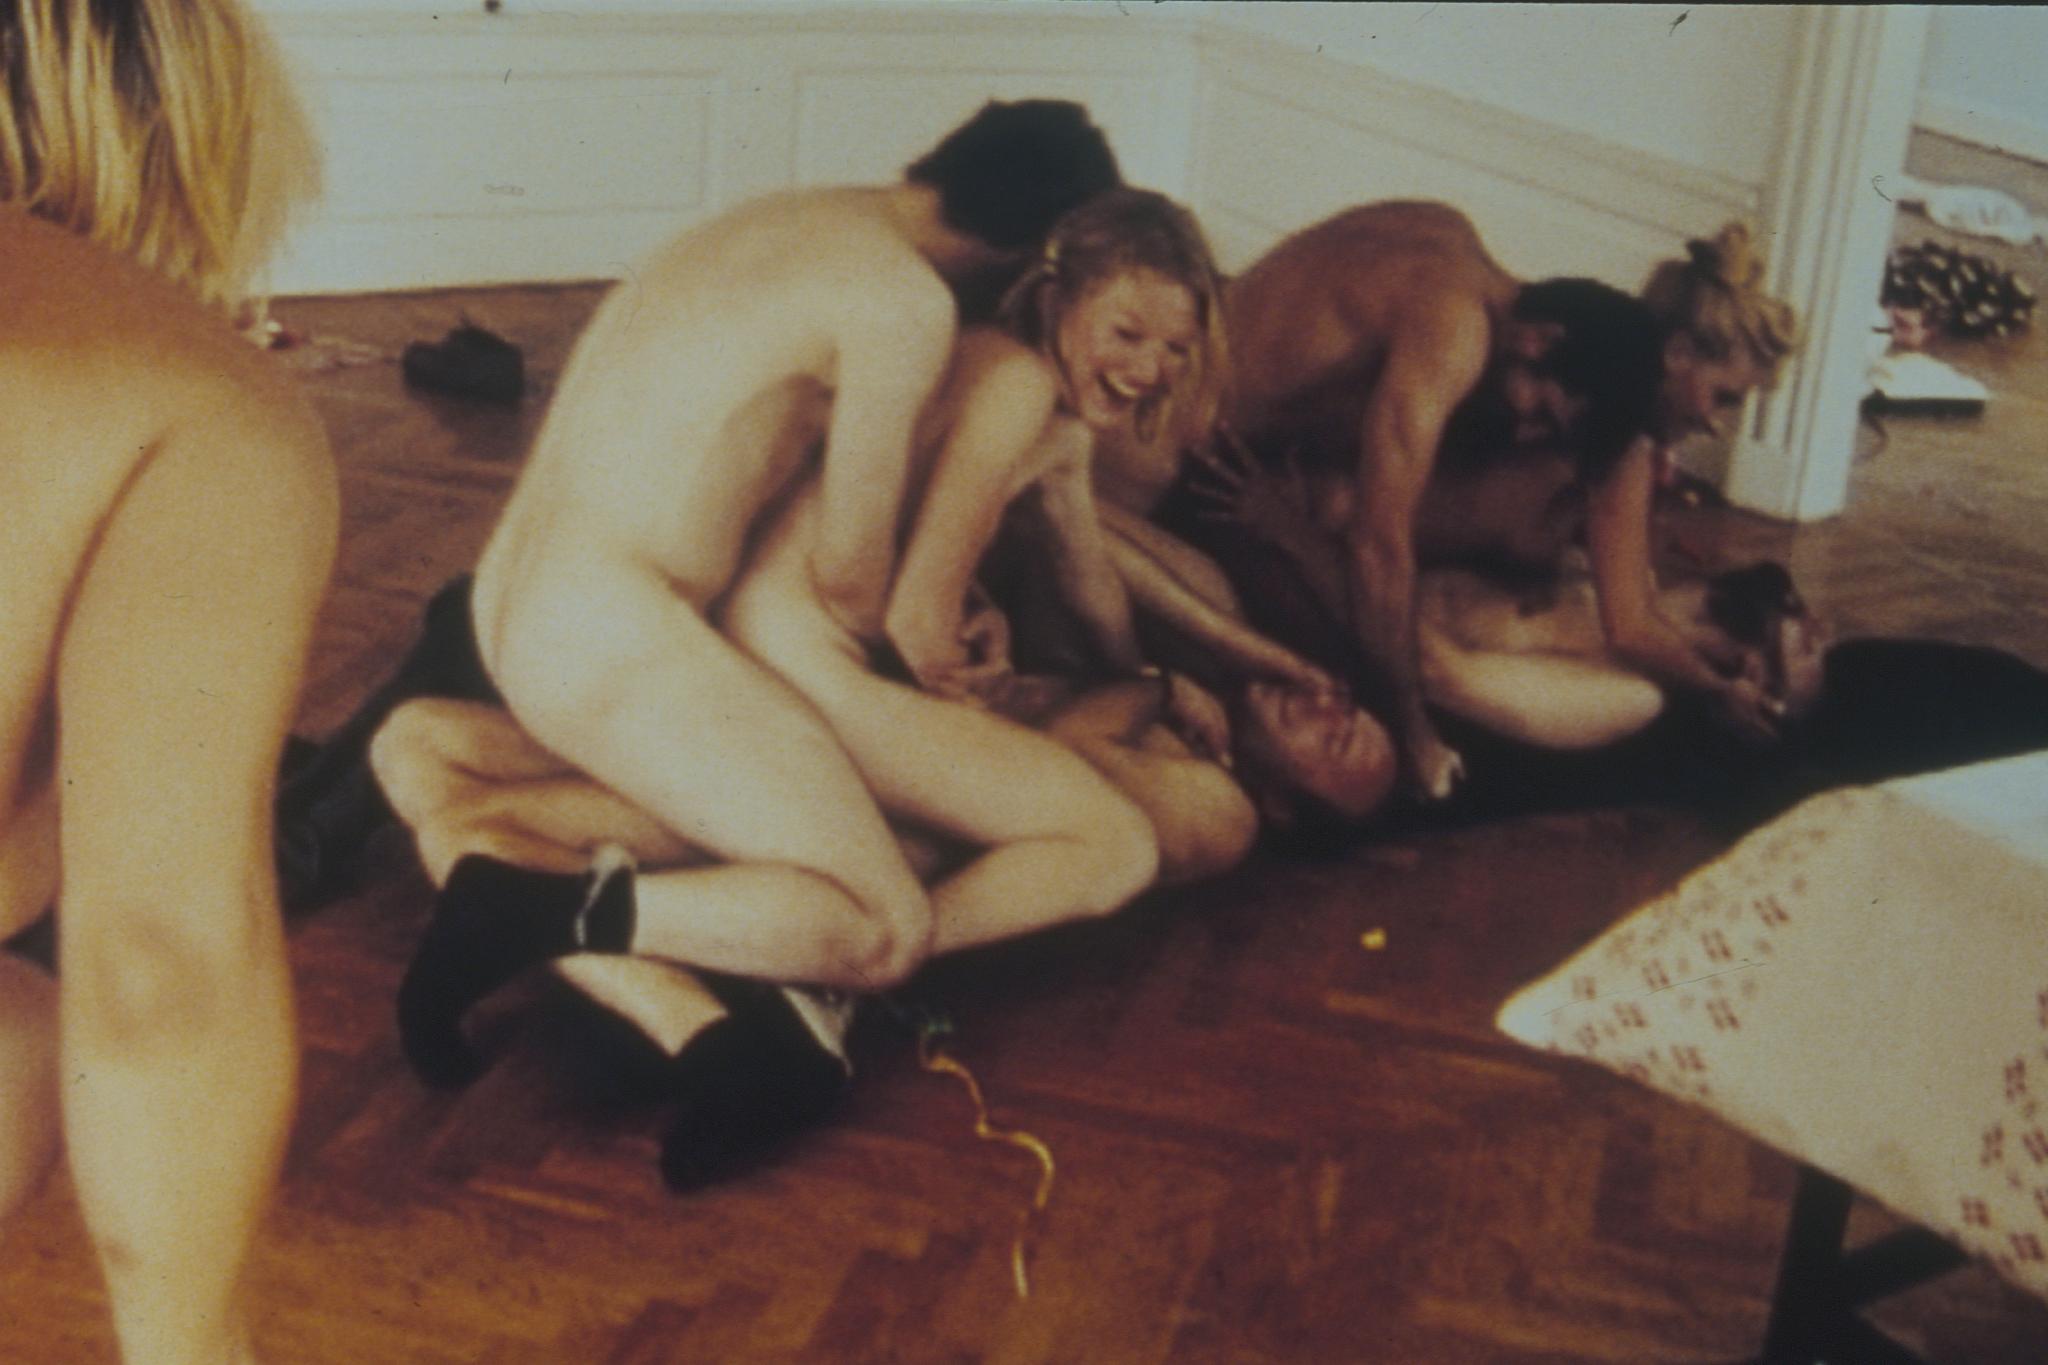 seks-po-telefonu-s-oskorbleniyami